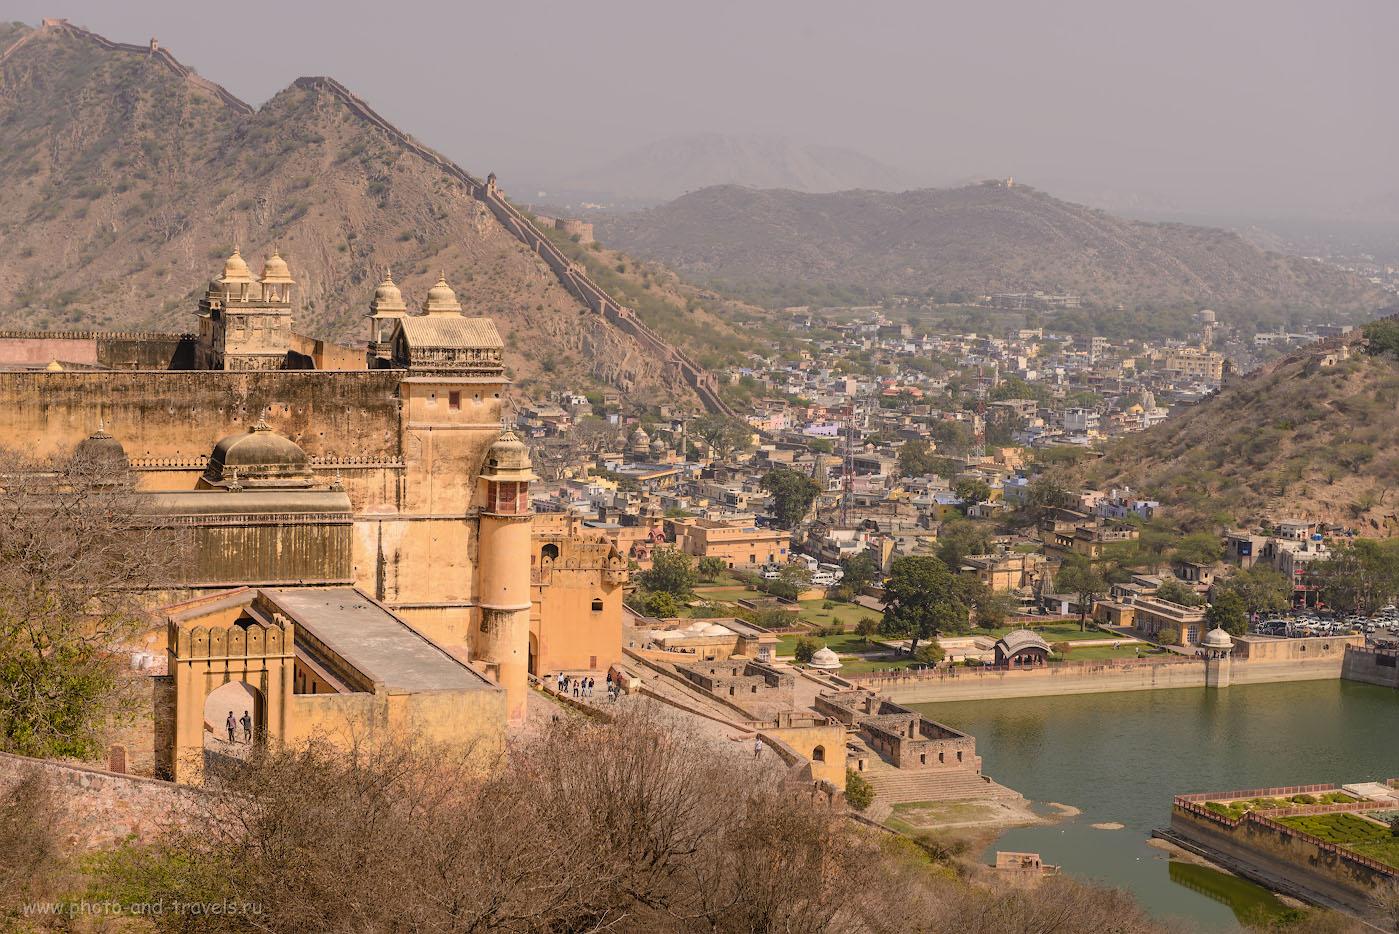 Снимок 15. Вид на форт Амбер. Позади - «Великая Китайская стена Индии». Отчеты о самостоятельных экскурсиях. 1/800, -0.67, 8.0, 100, 70.